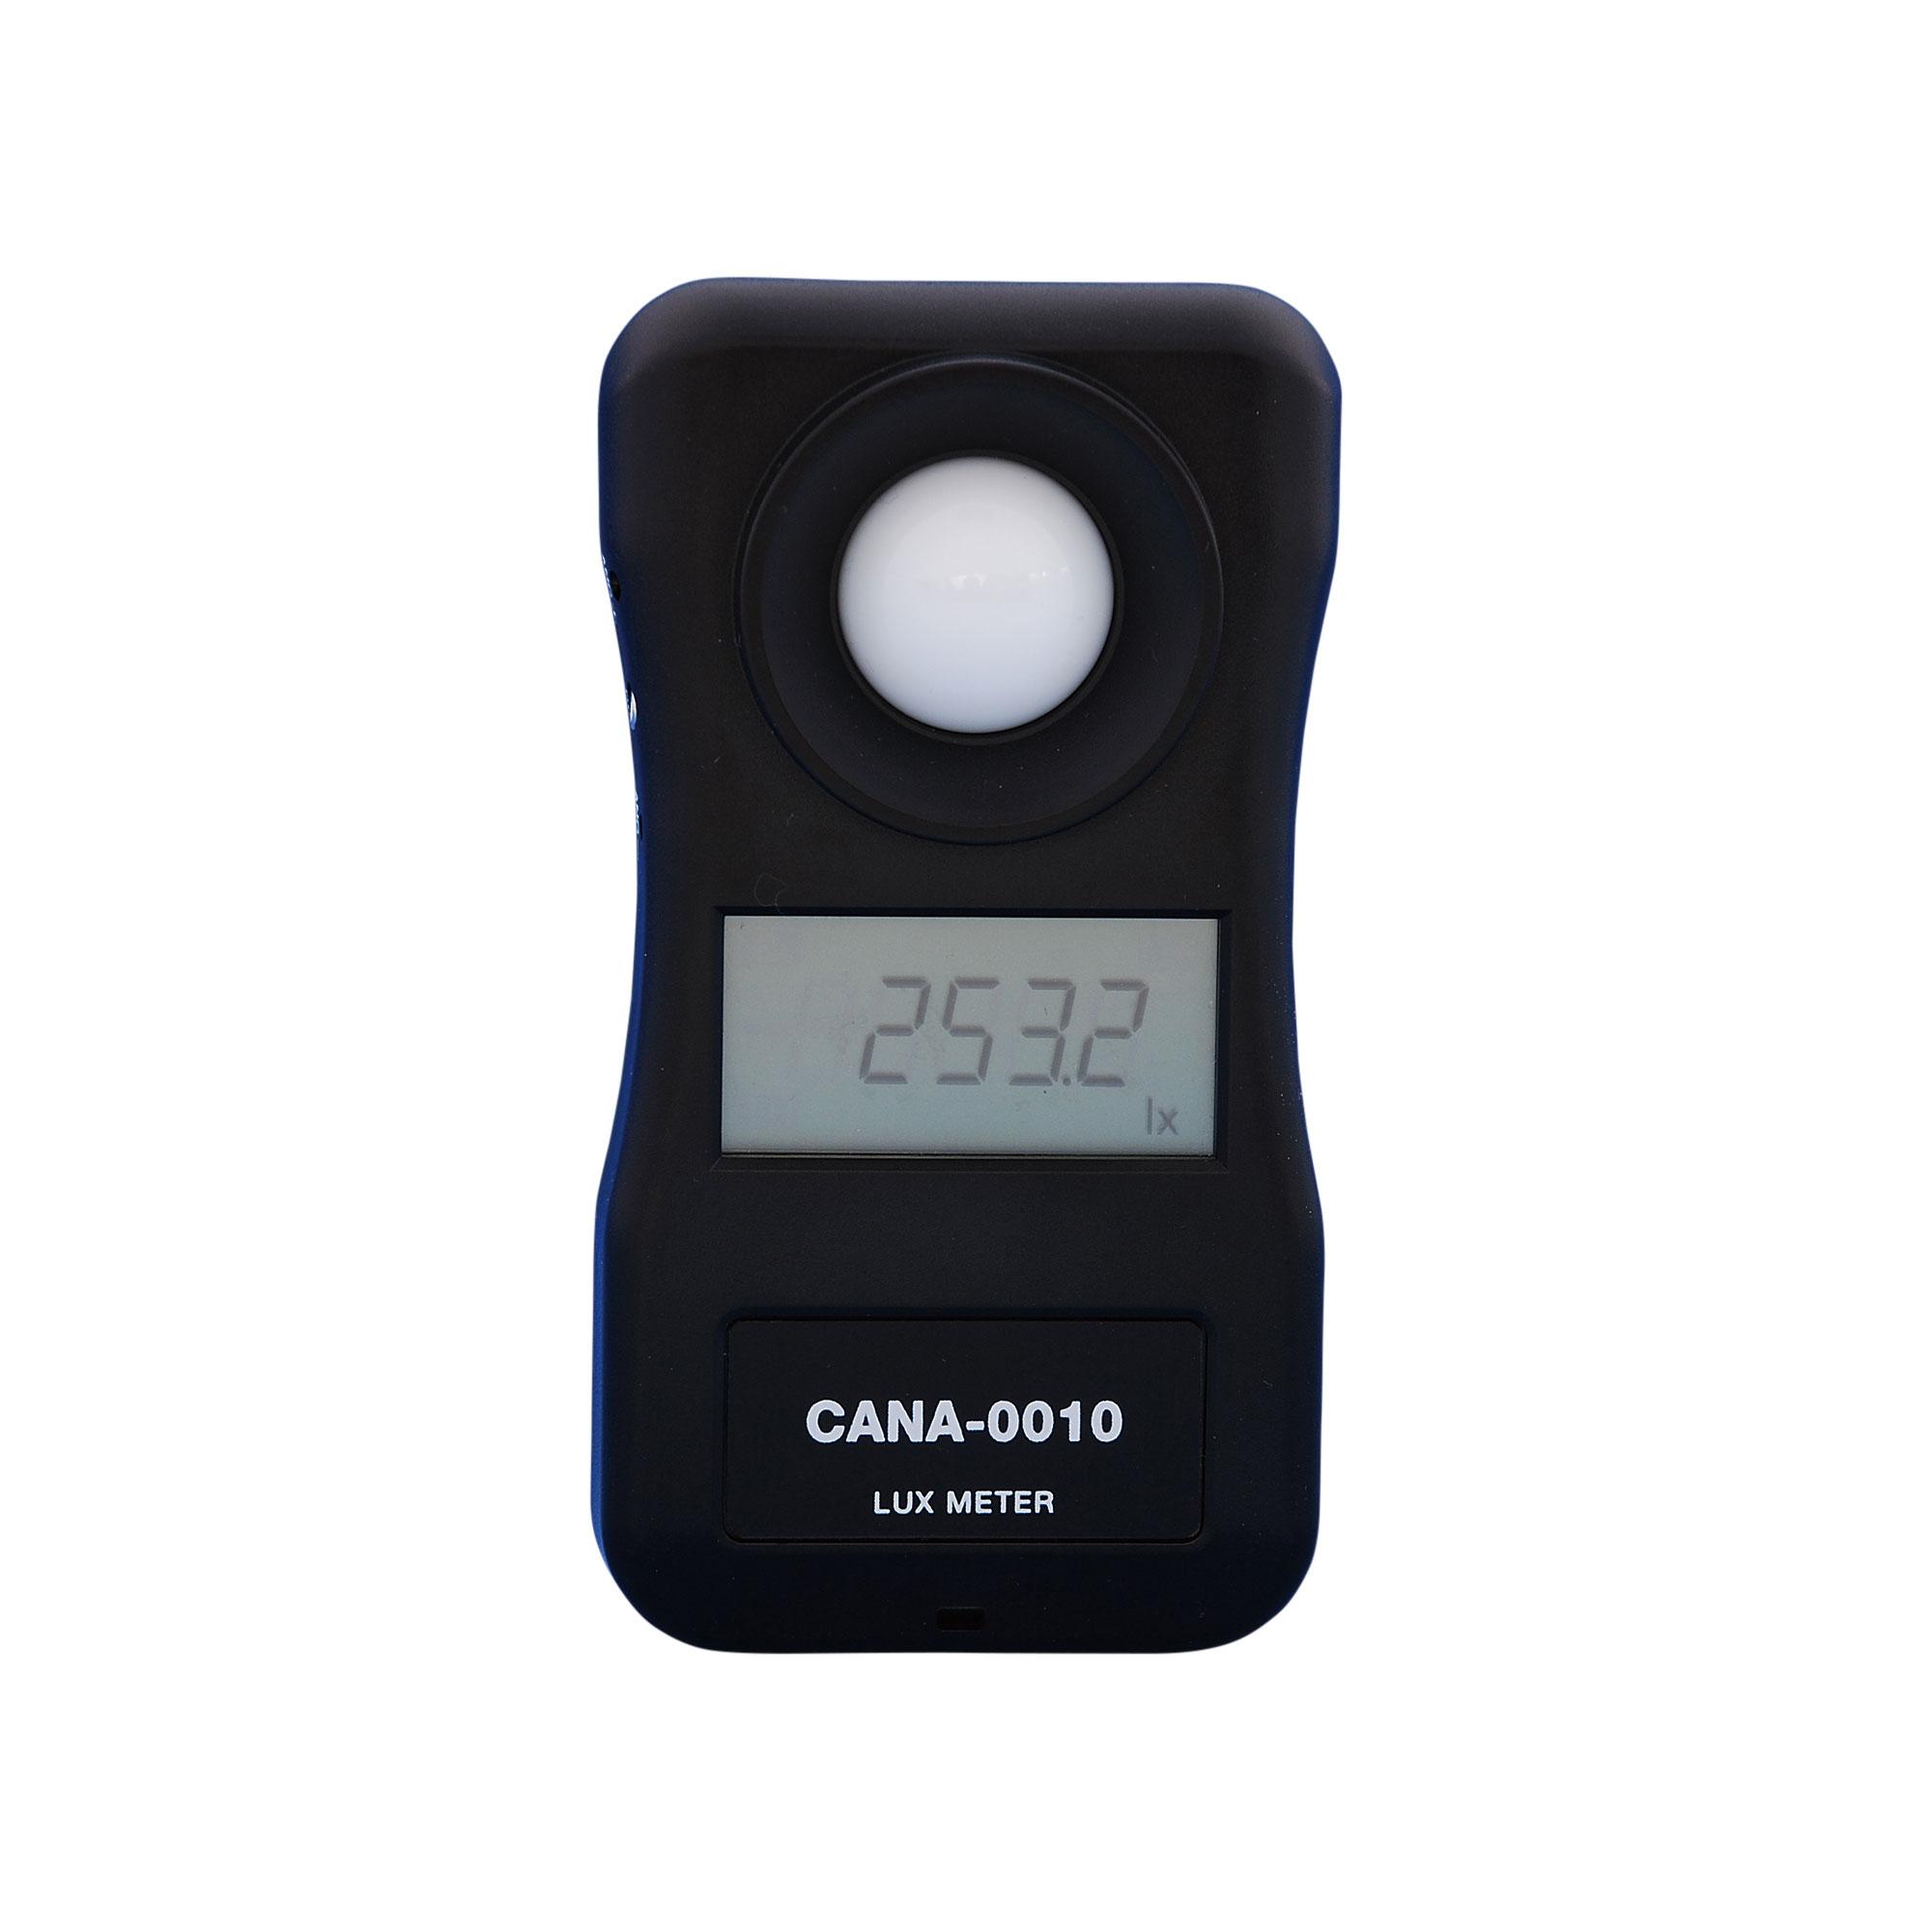 デジタル照度計 CANA-0010型